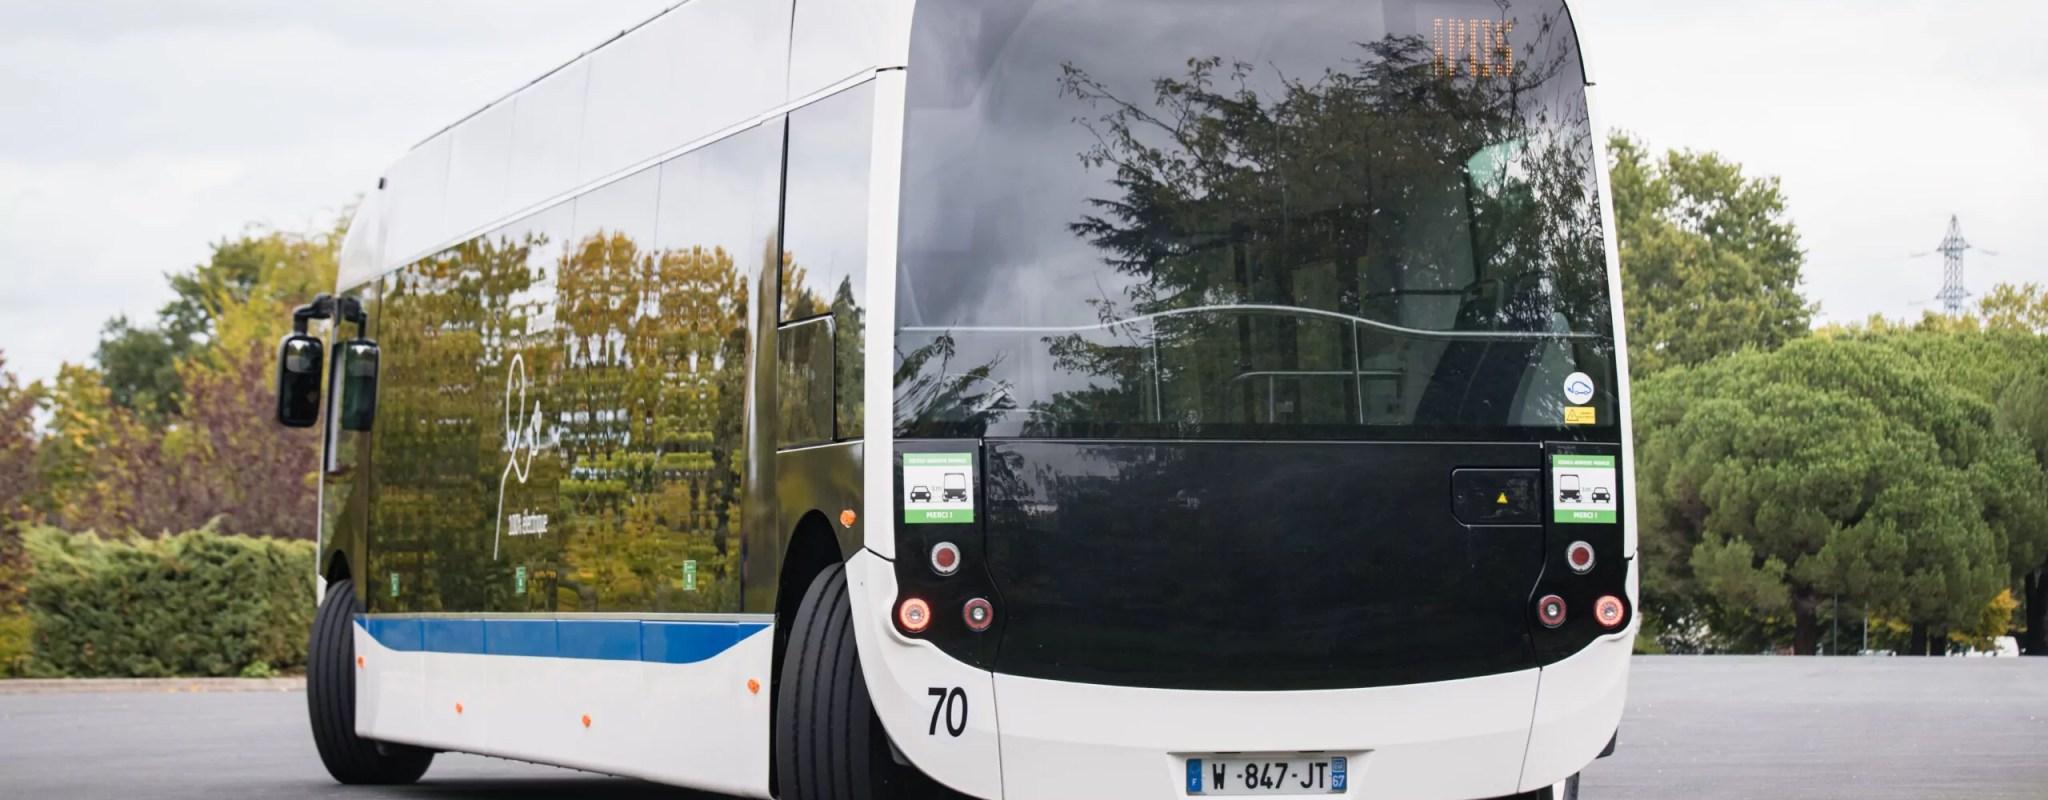 D'une récompense à une fermeture en quatre ans, Alstom a coulé son bus à Hangenbieten